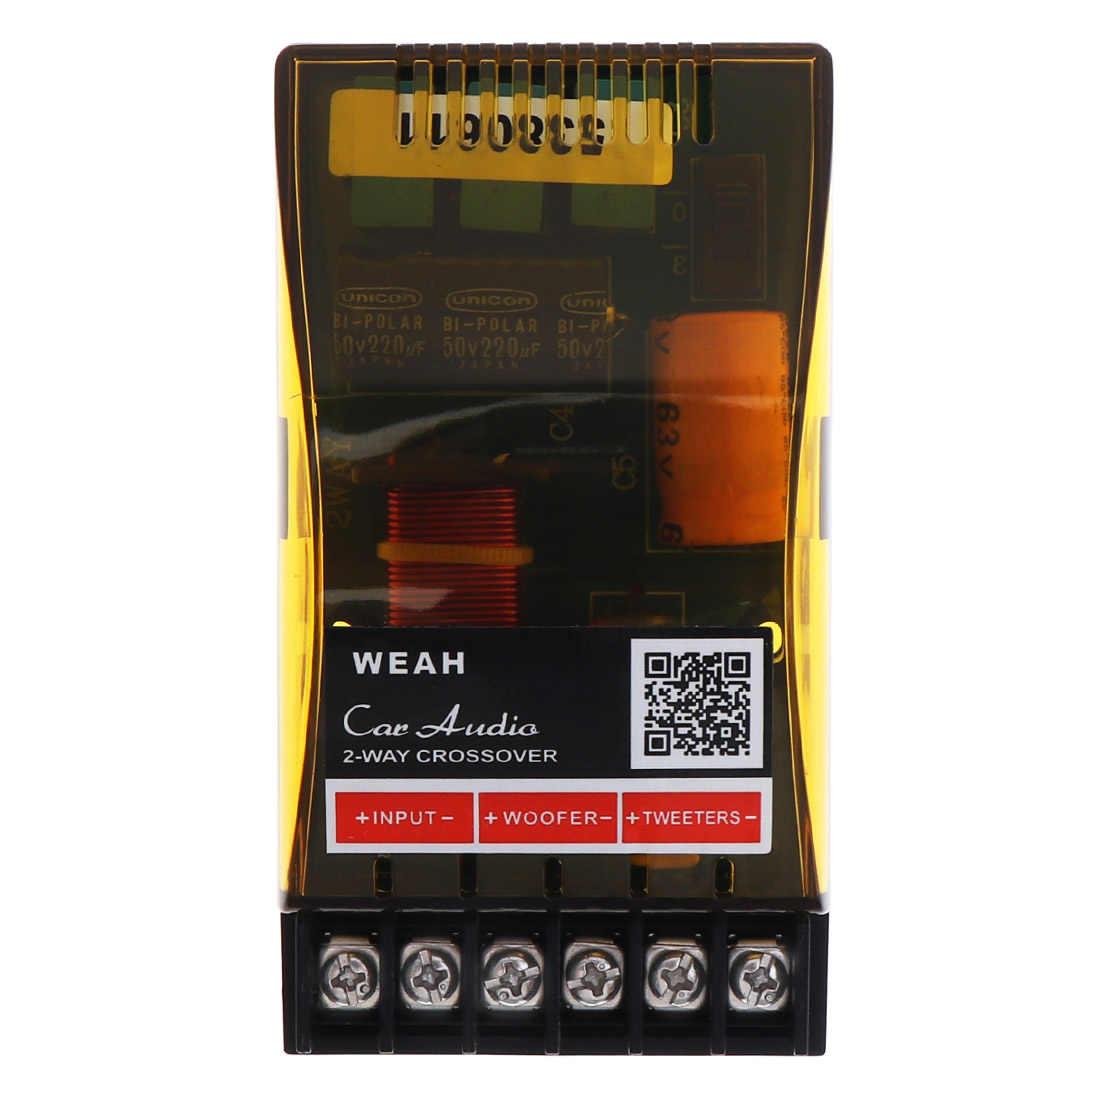 Altavoces divisores de frecuencia 120W 2002, altavoces de Audio para coche de 2 vías, divisores cruzados, filtro para vehículos